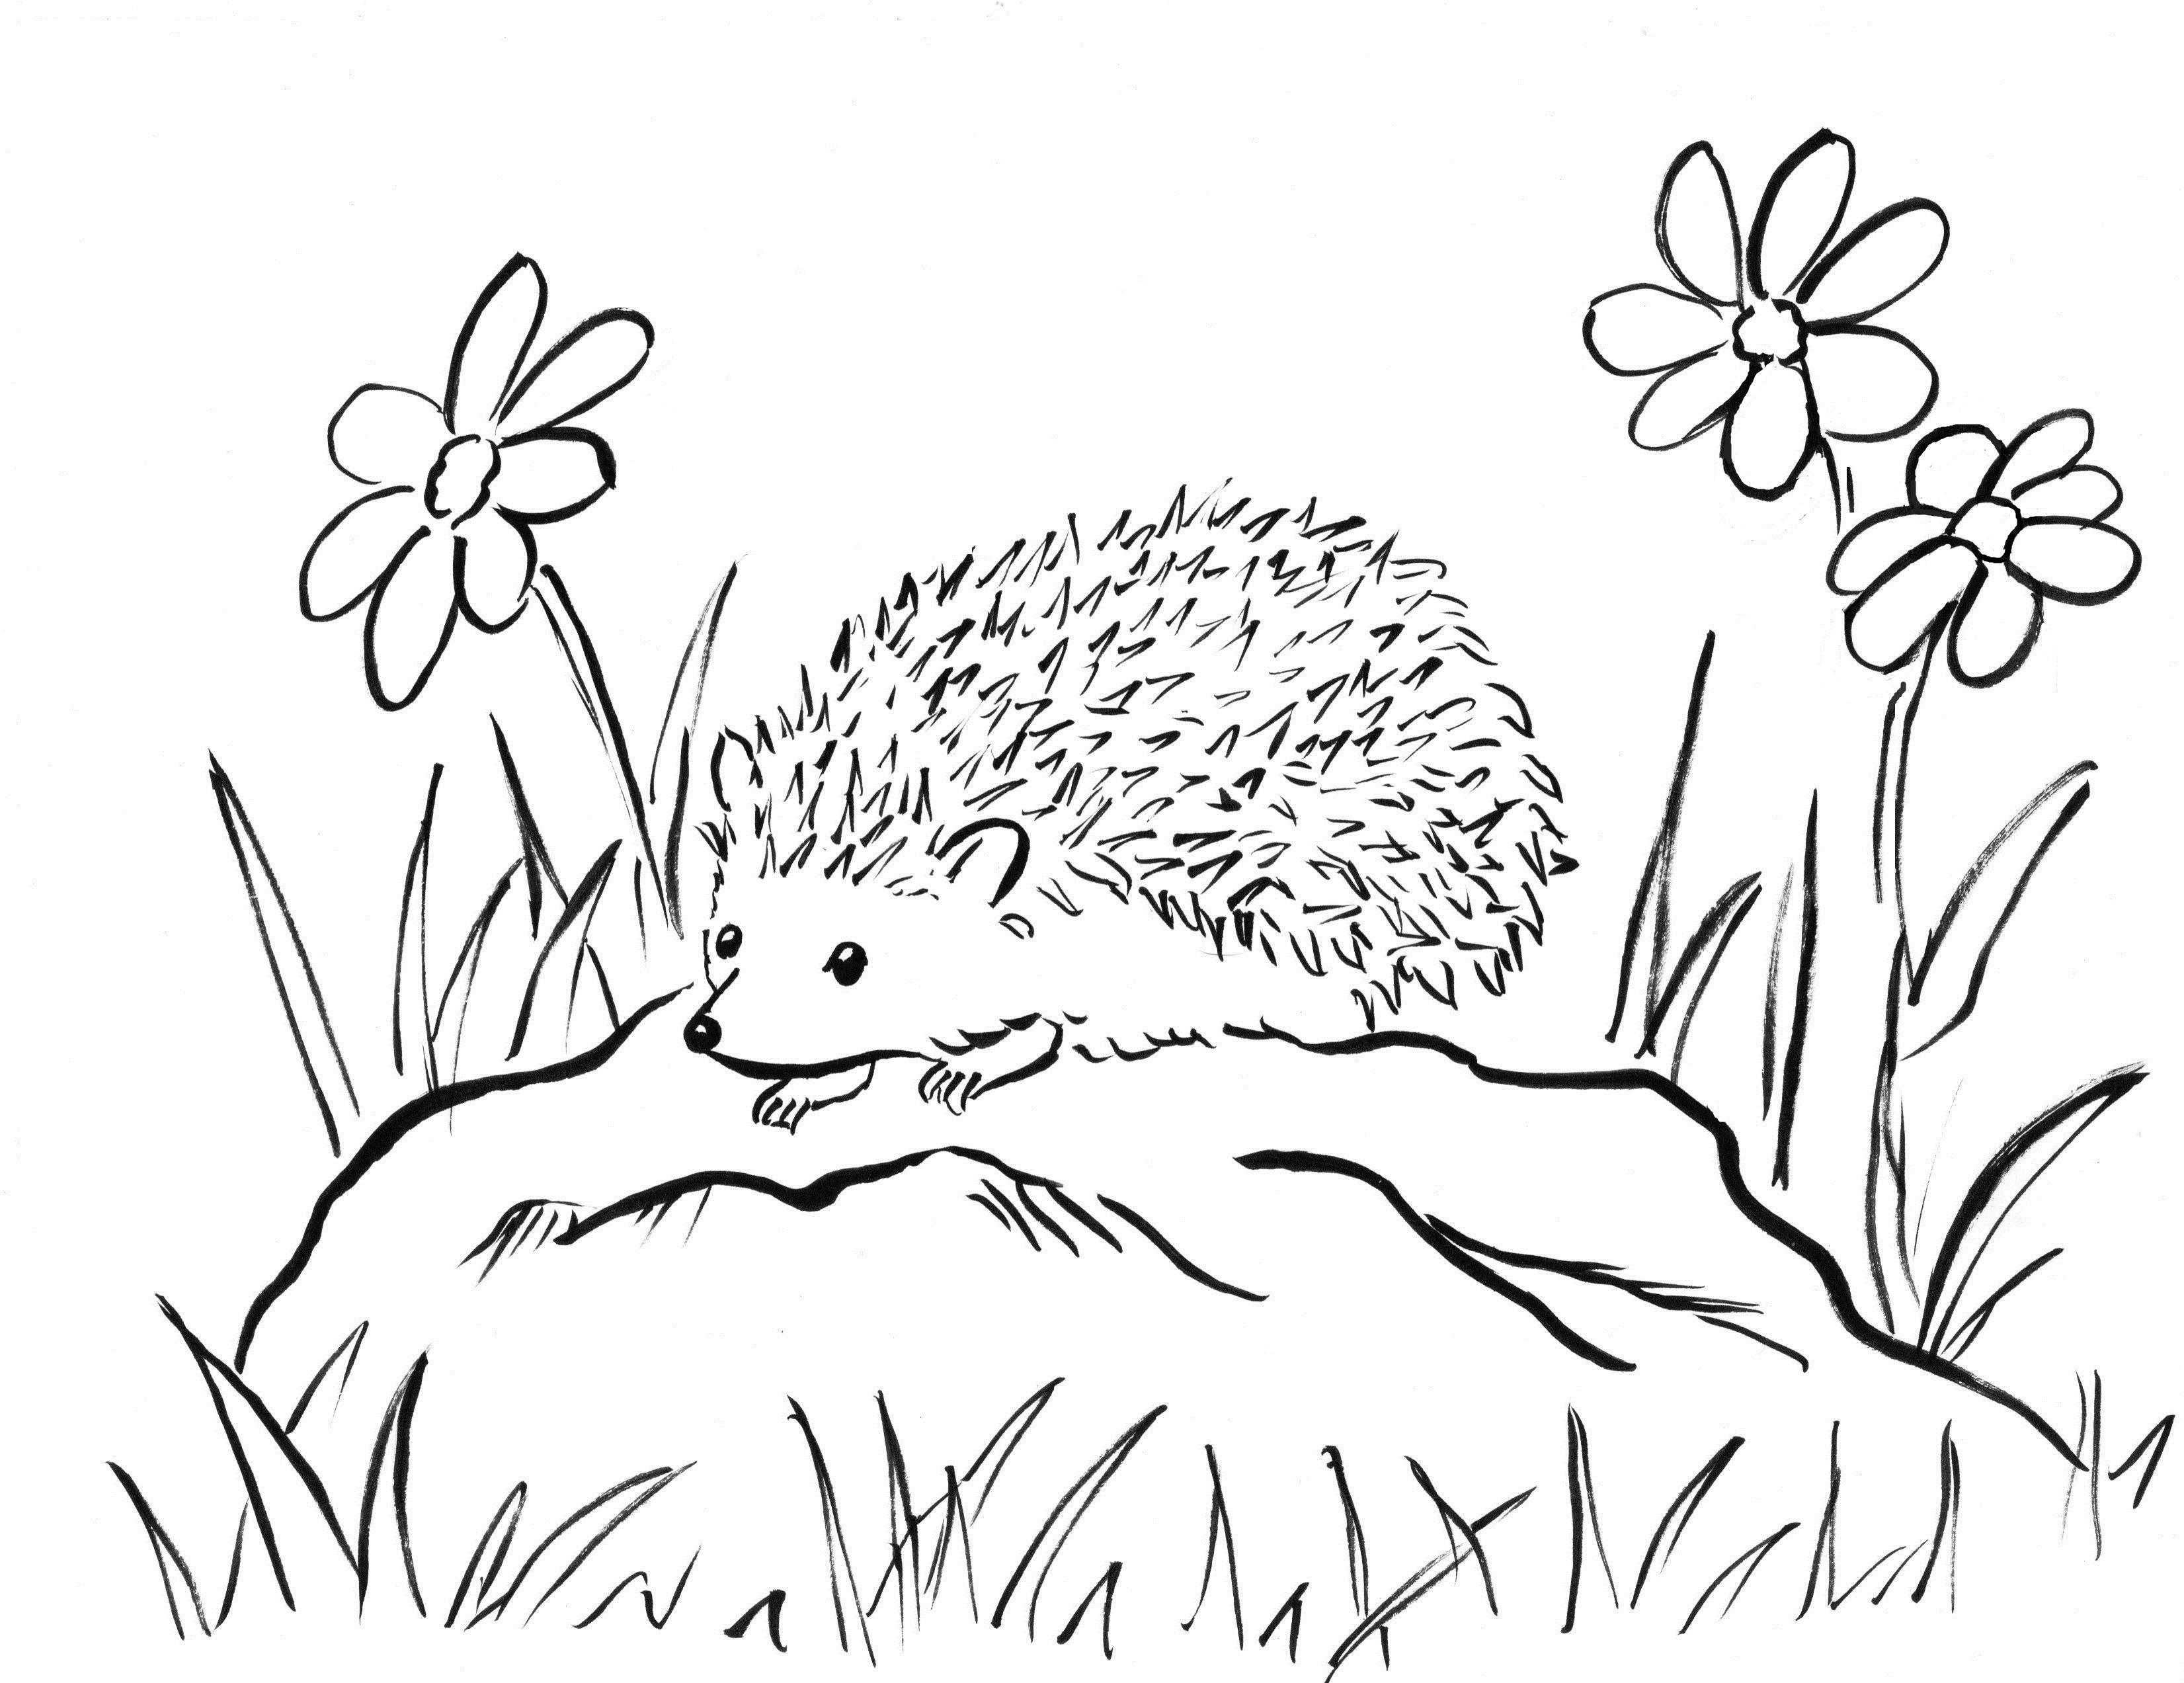 Hedgehog Coloring Sheet Hedgehog Drawing Hedgehog Colors Hedgehog Illustration